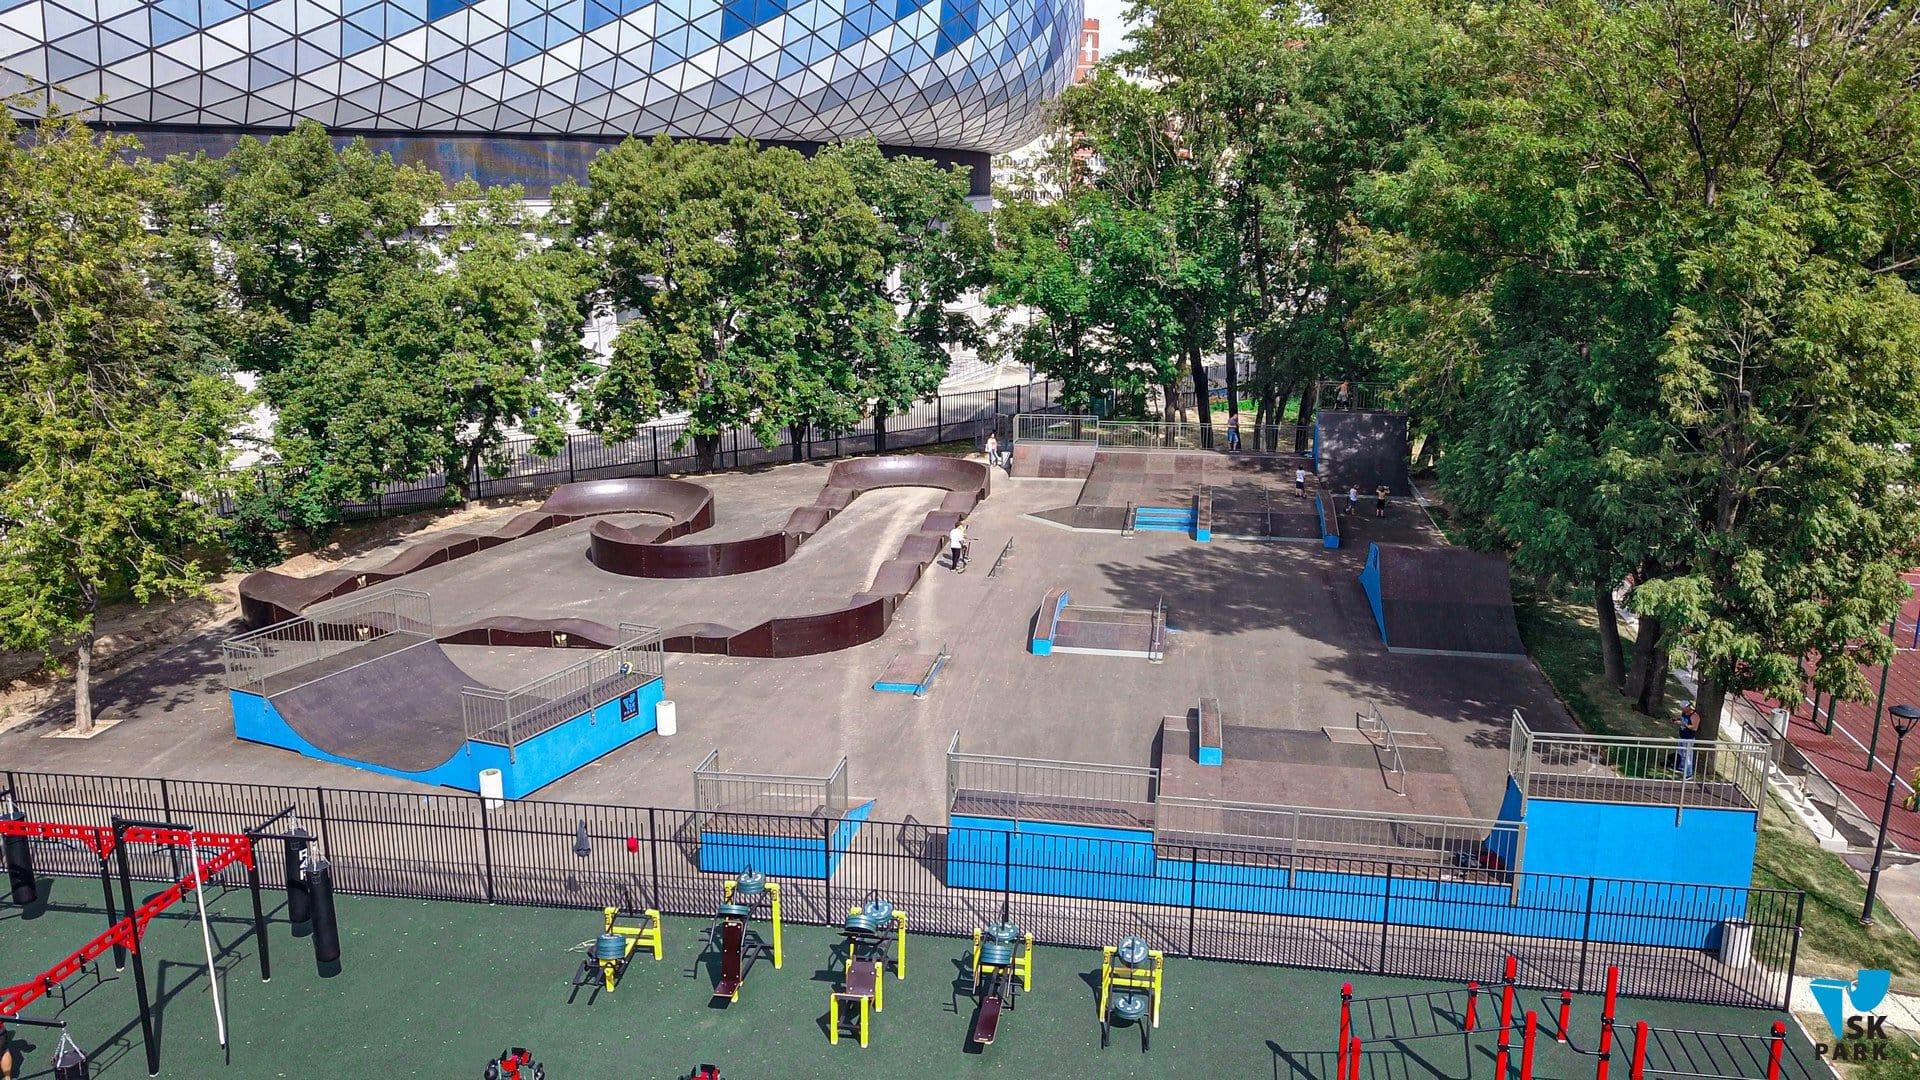 Скейт парк в Москве, ВТБ арена | Skate park in Moscow, VTB arena